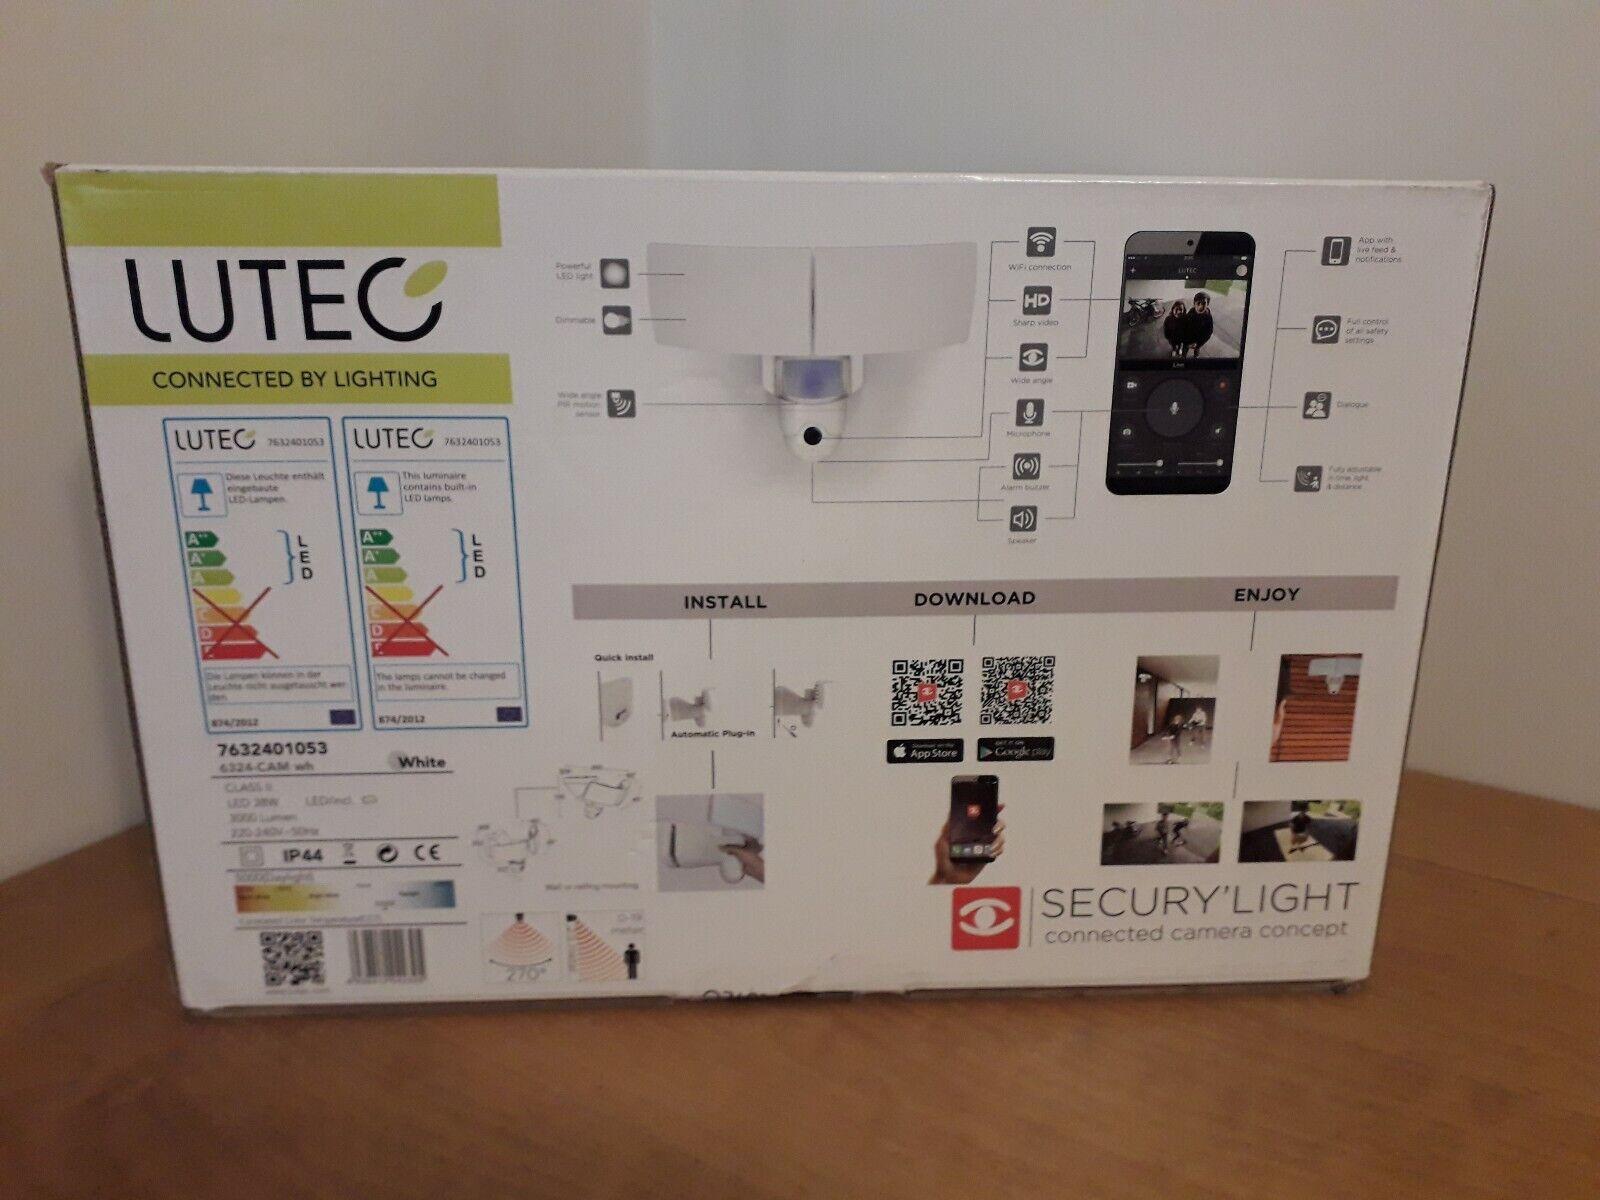 Luz De Seguridad Con Wi-fi Cámara HD, LUTEC libra